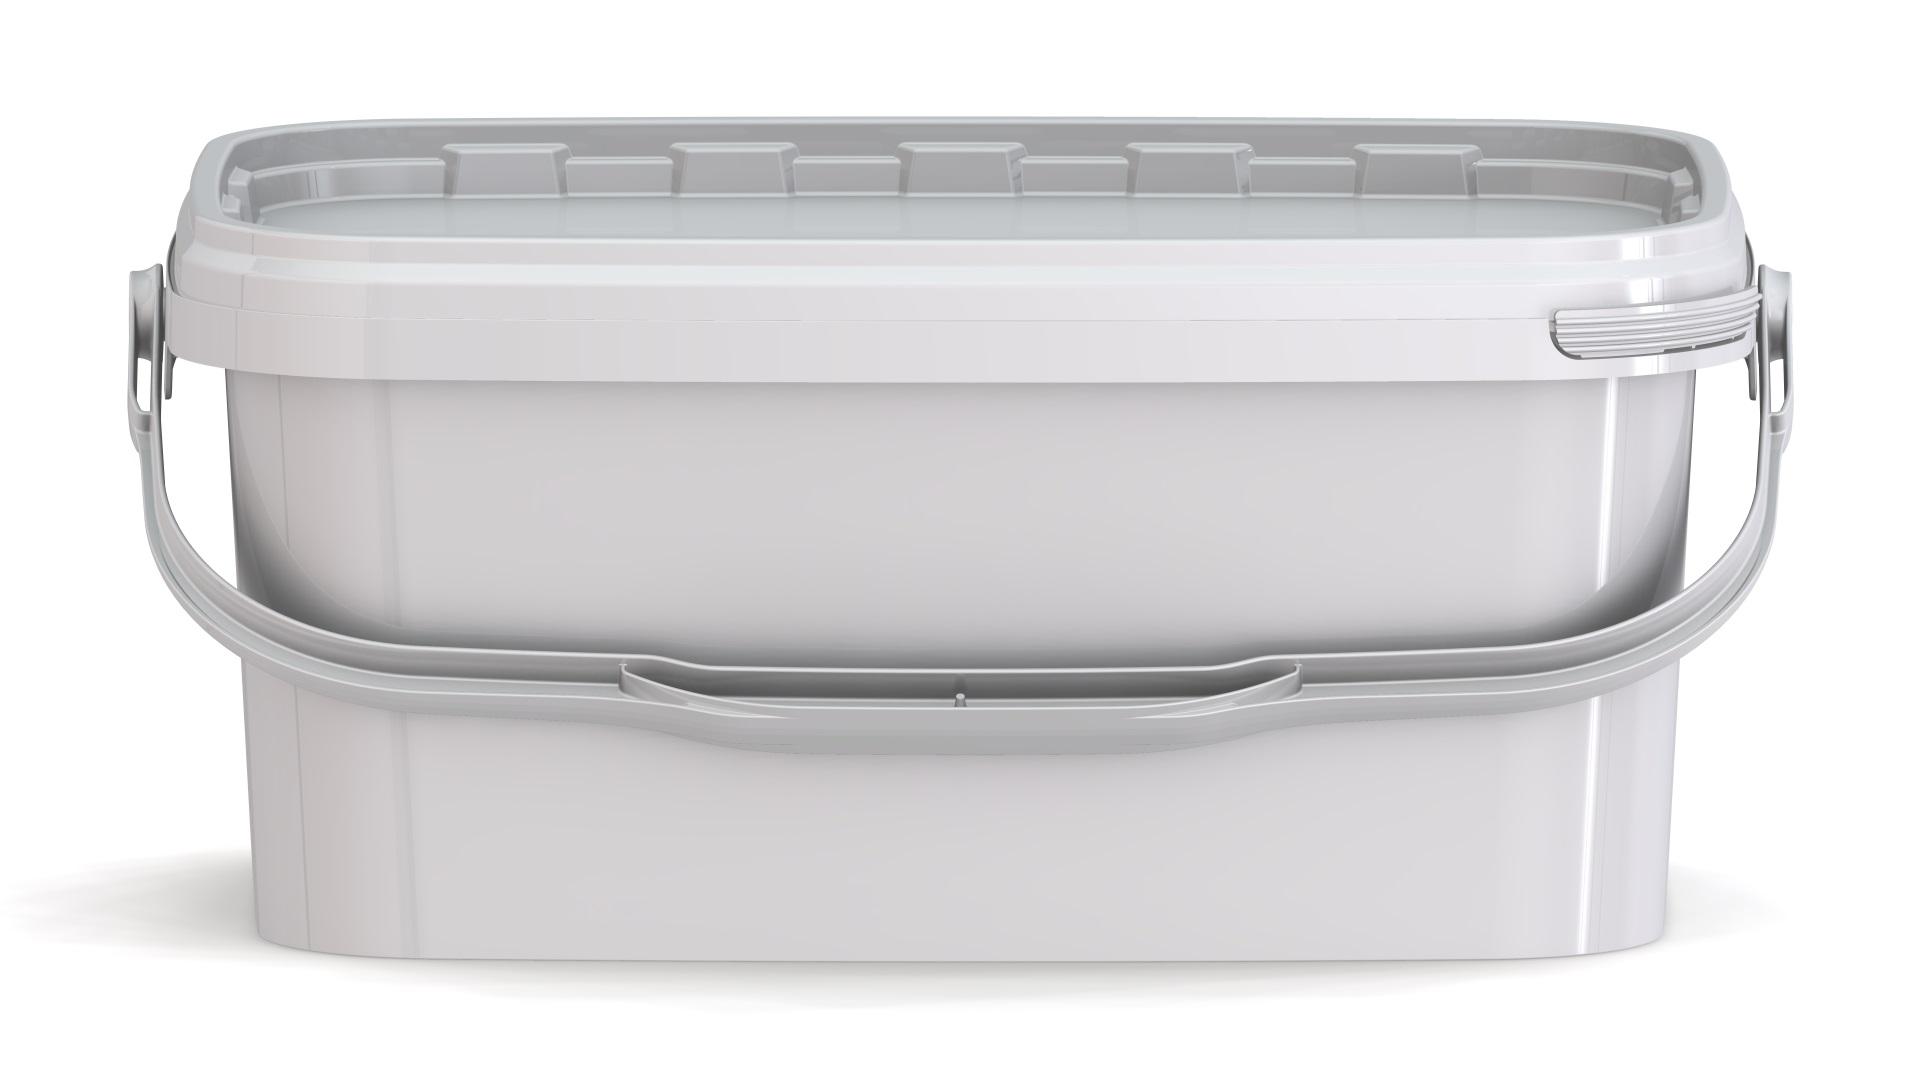 eimer jetr 30 3 1 liter mit deckel verpackungen von packstar. Black Bedroom Furniture Sets. Home Design Ideas